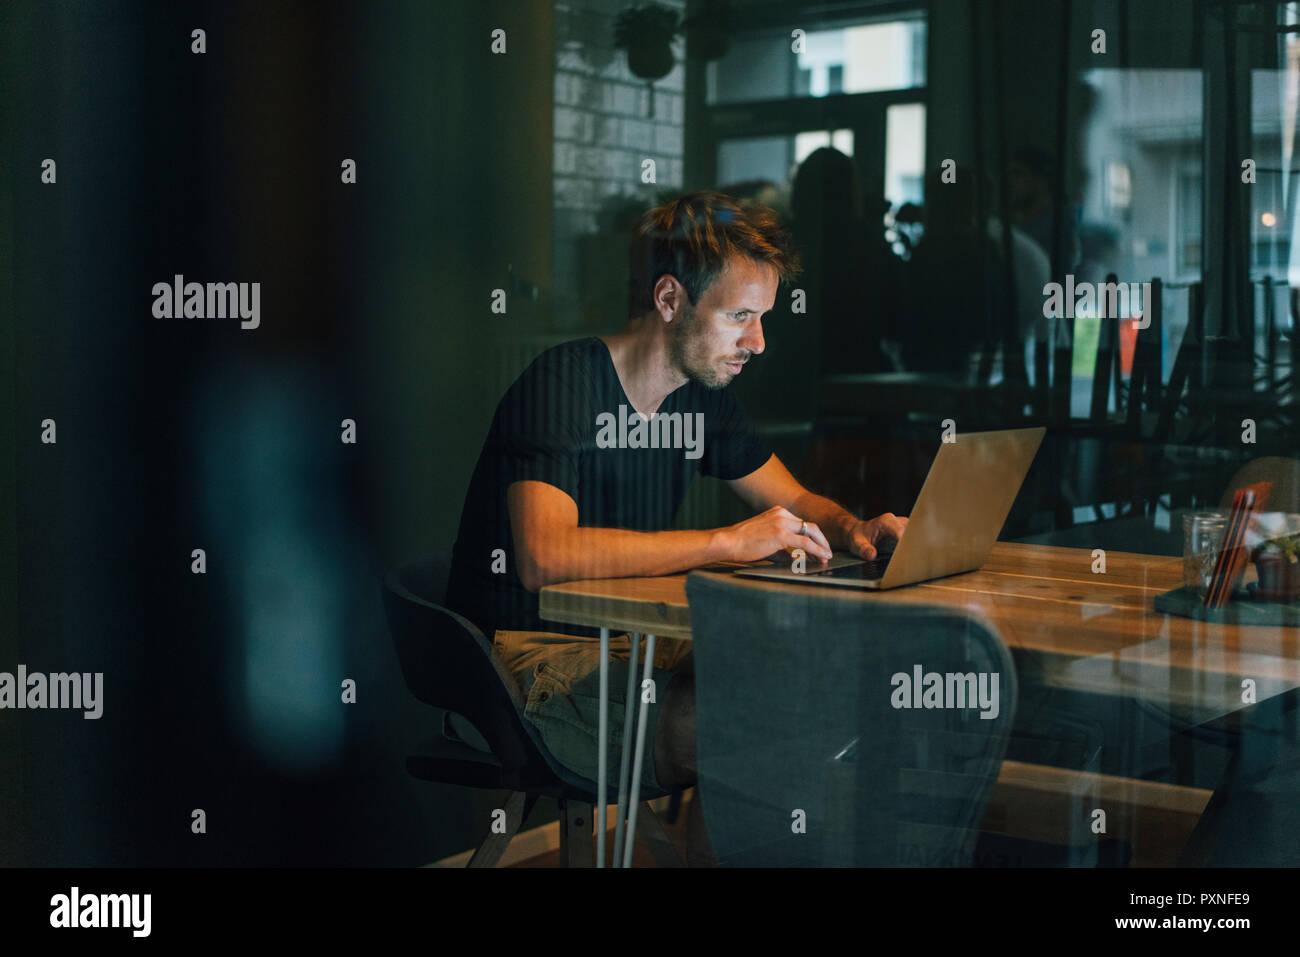 Hombre sentado en la oficina, trabajando tarde en su puesta en marcha de la empresa Foto de stock